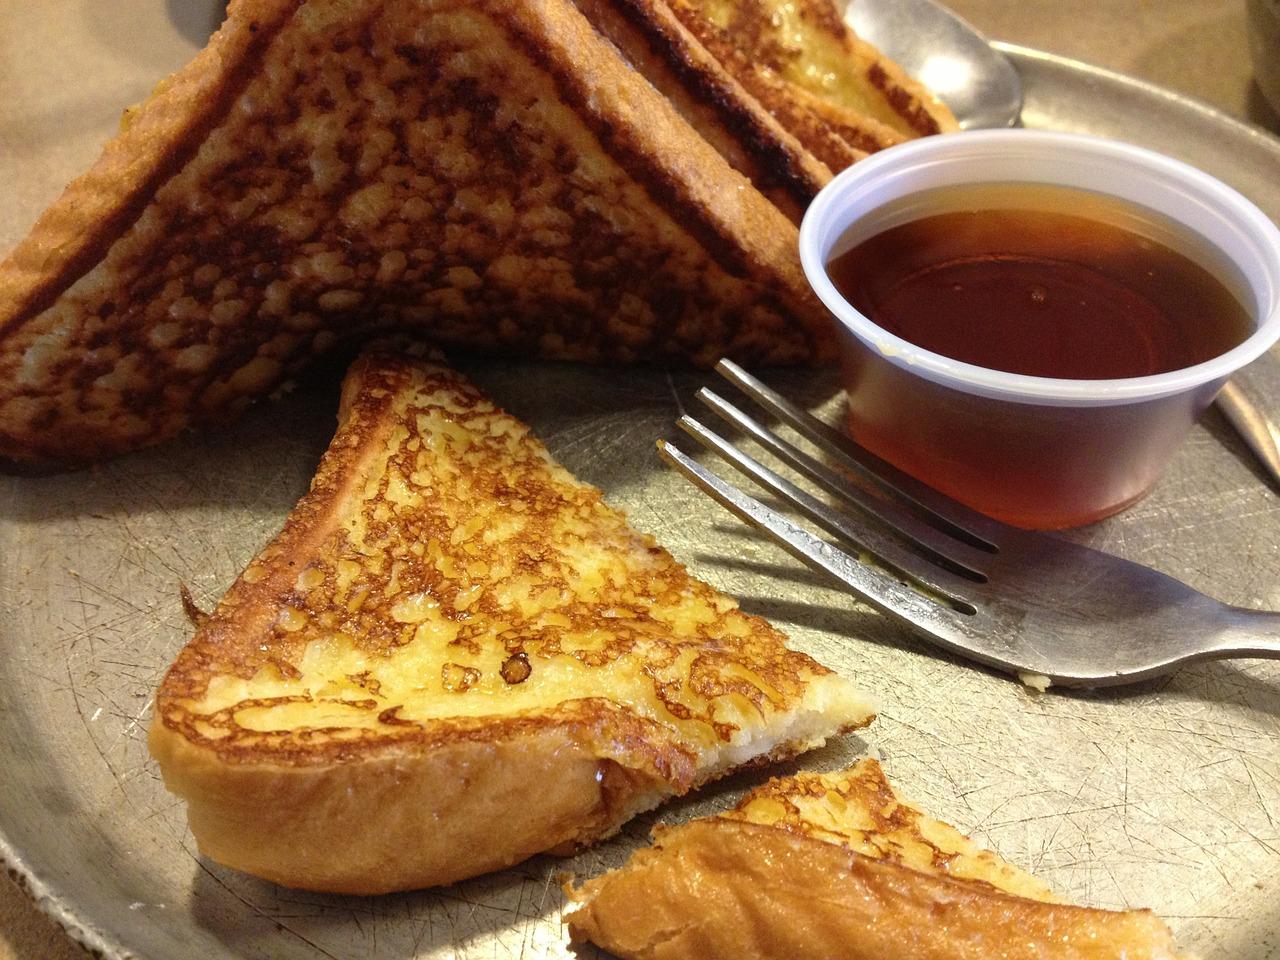 フレンチトーストはフランス語で何という?フランス発祥じゃないって本当?